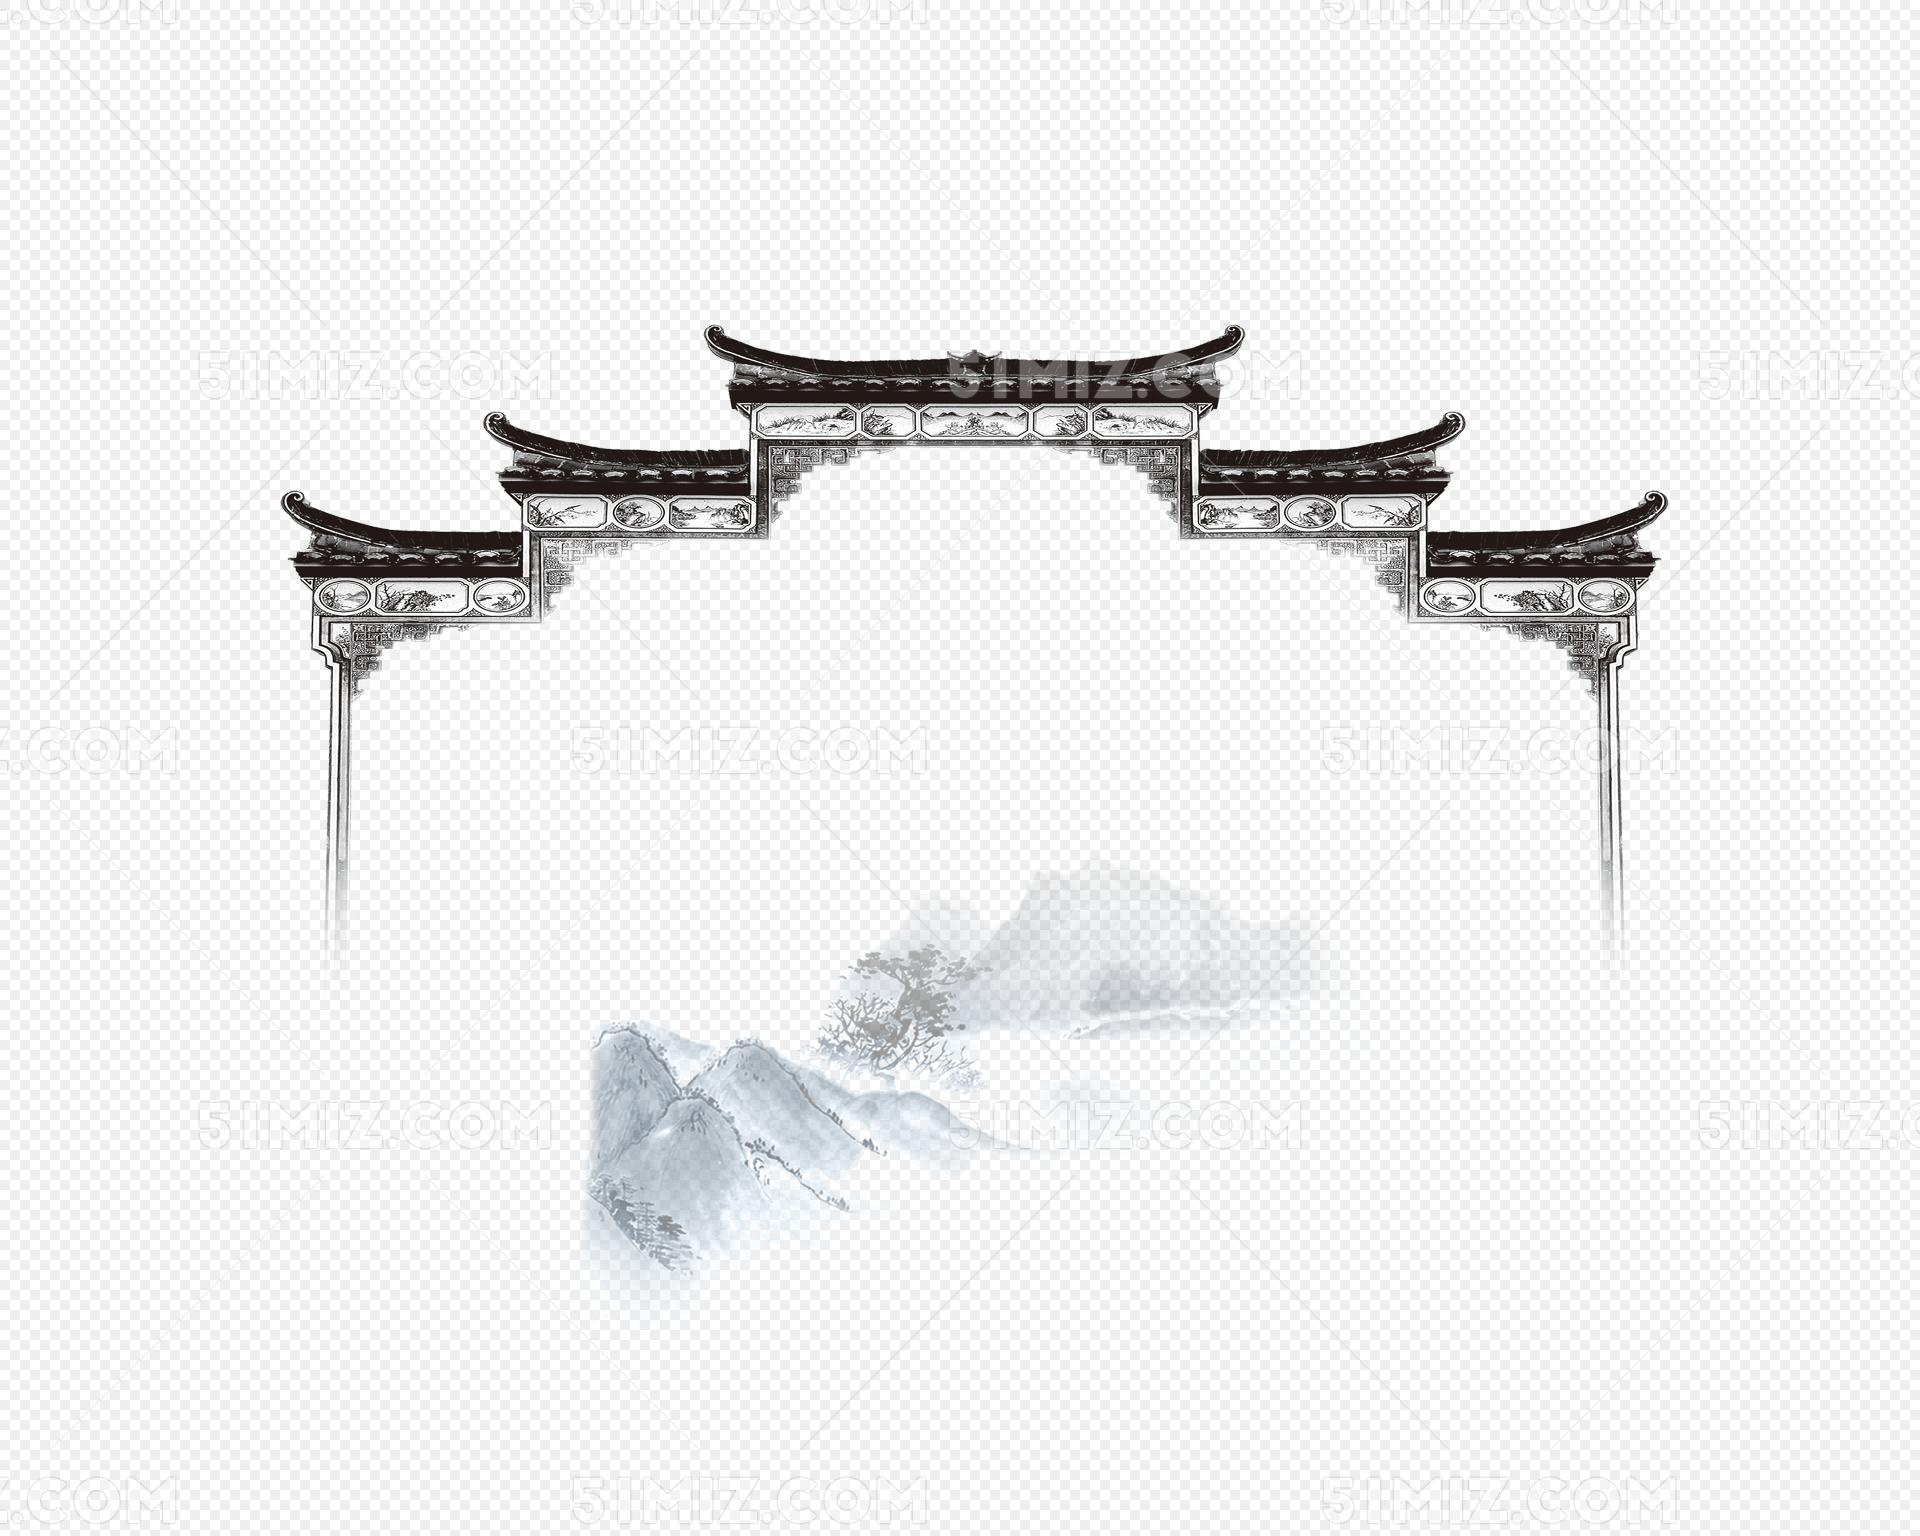 复古中国风城楼屋檐图片素材免费下载_觅知网